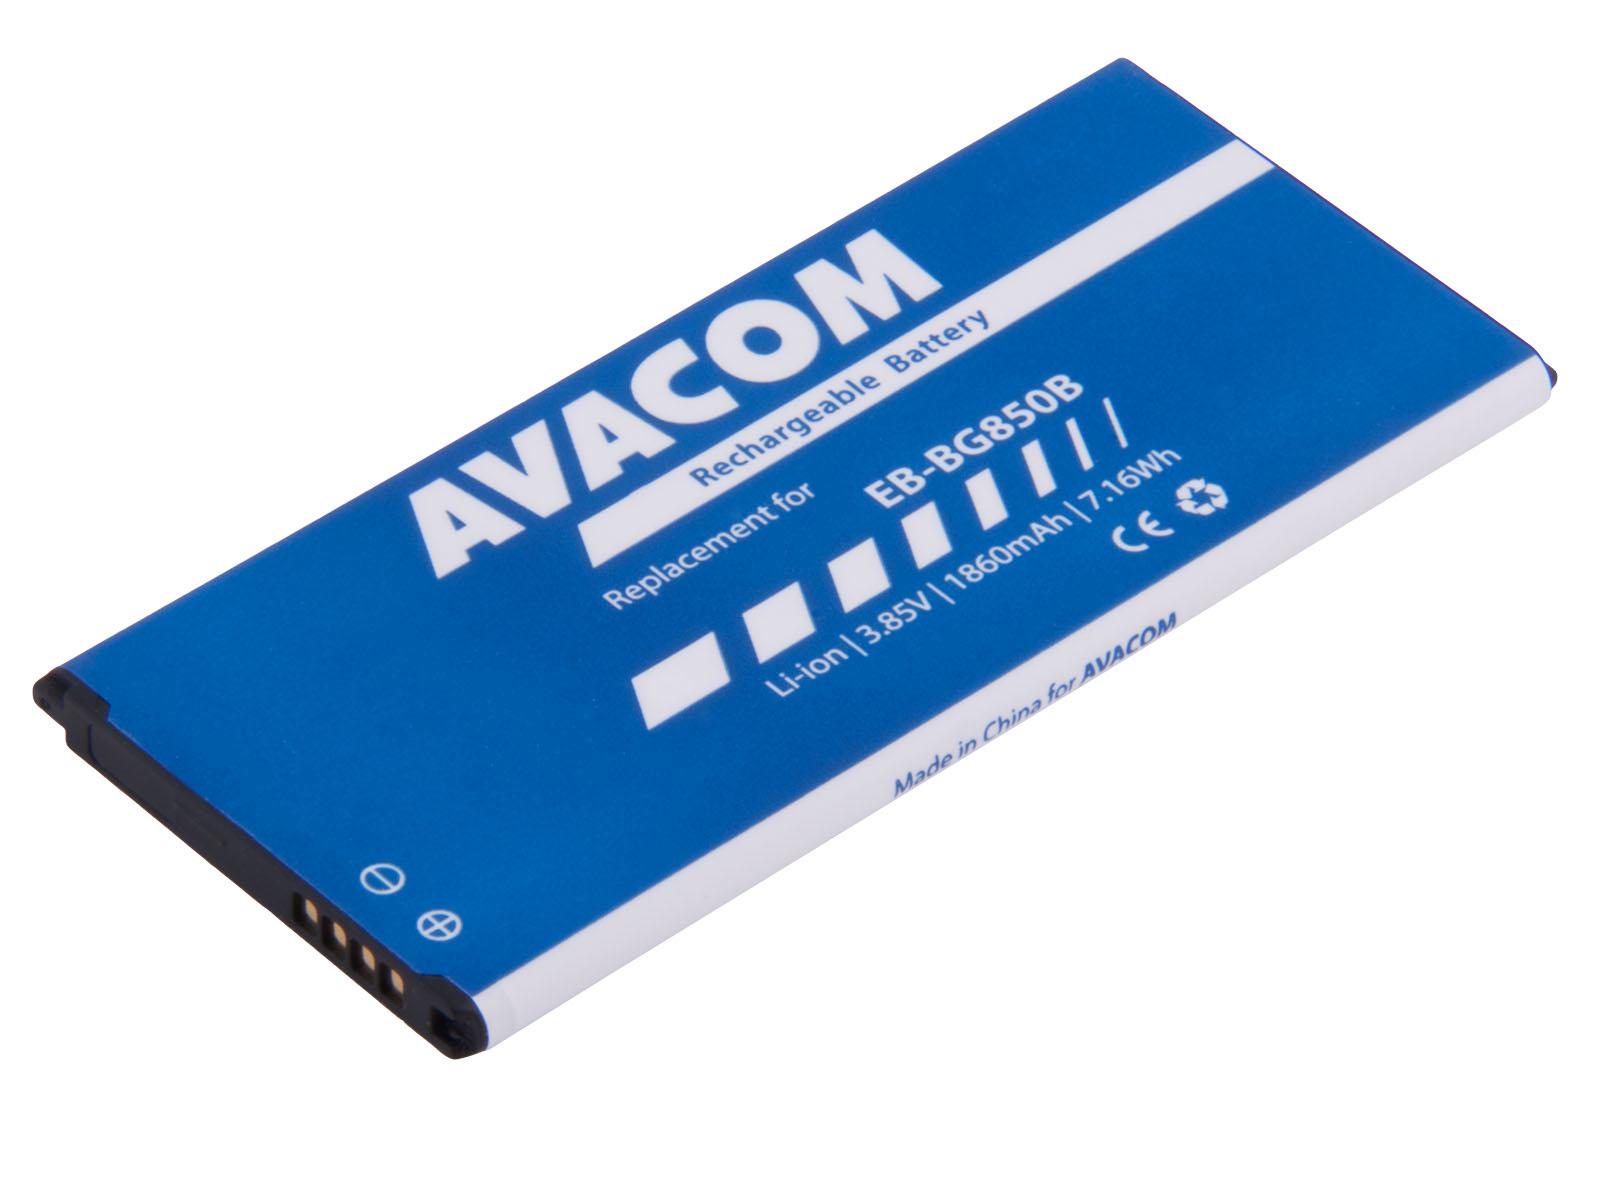 Baterie AVACOM GSSA-G850-1860 do mobilu Samsung G850 Galaxy Alpha Li-Ion 3,85V 1860mAh